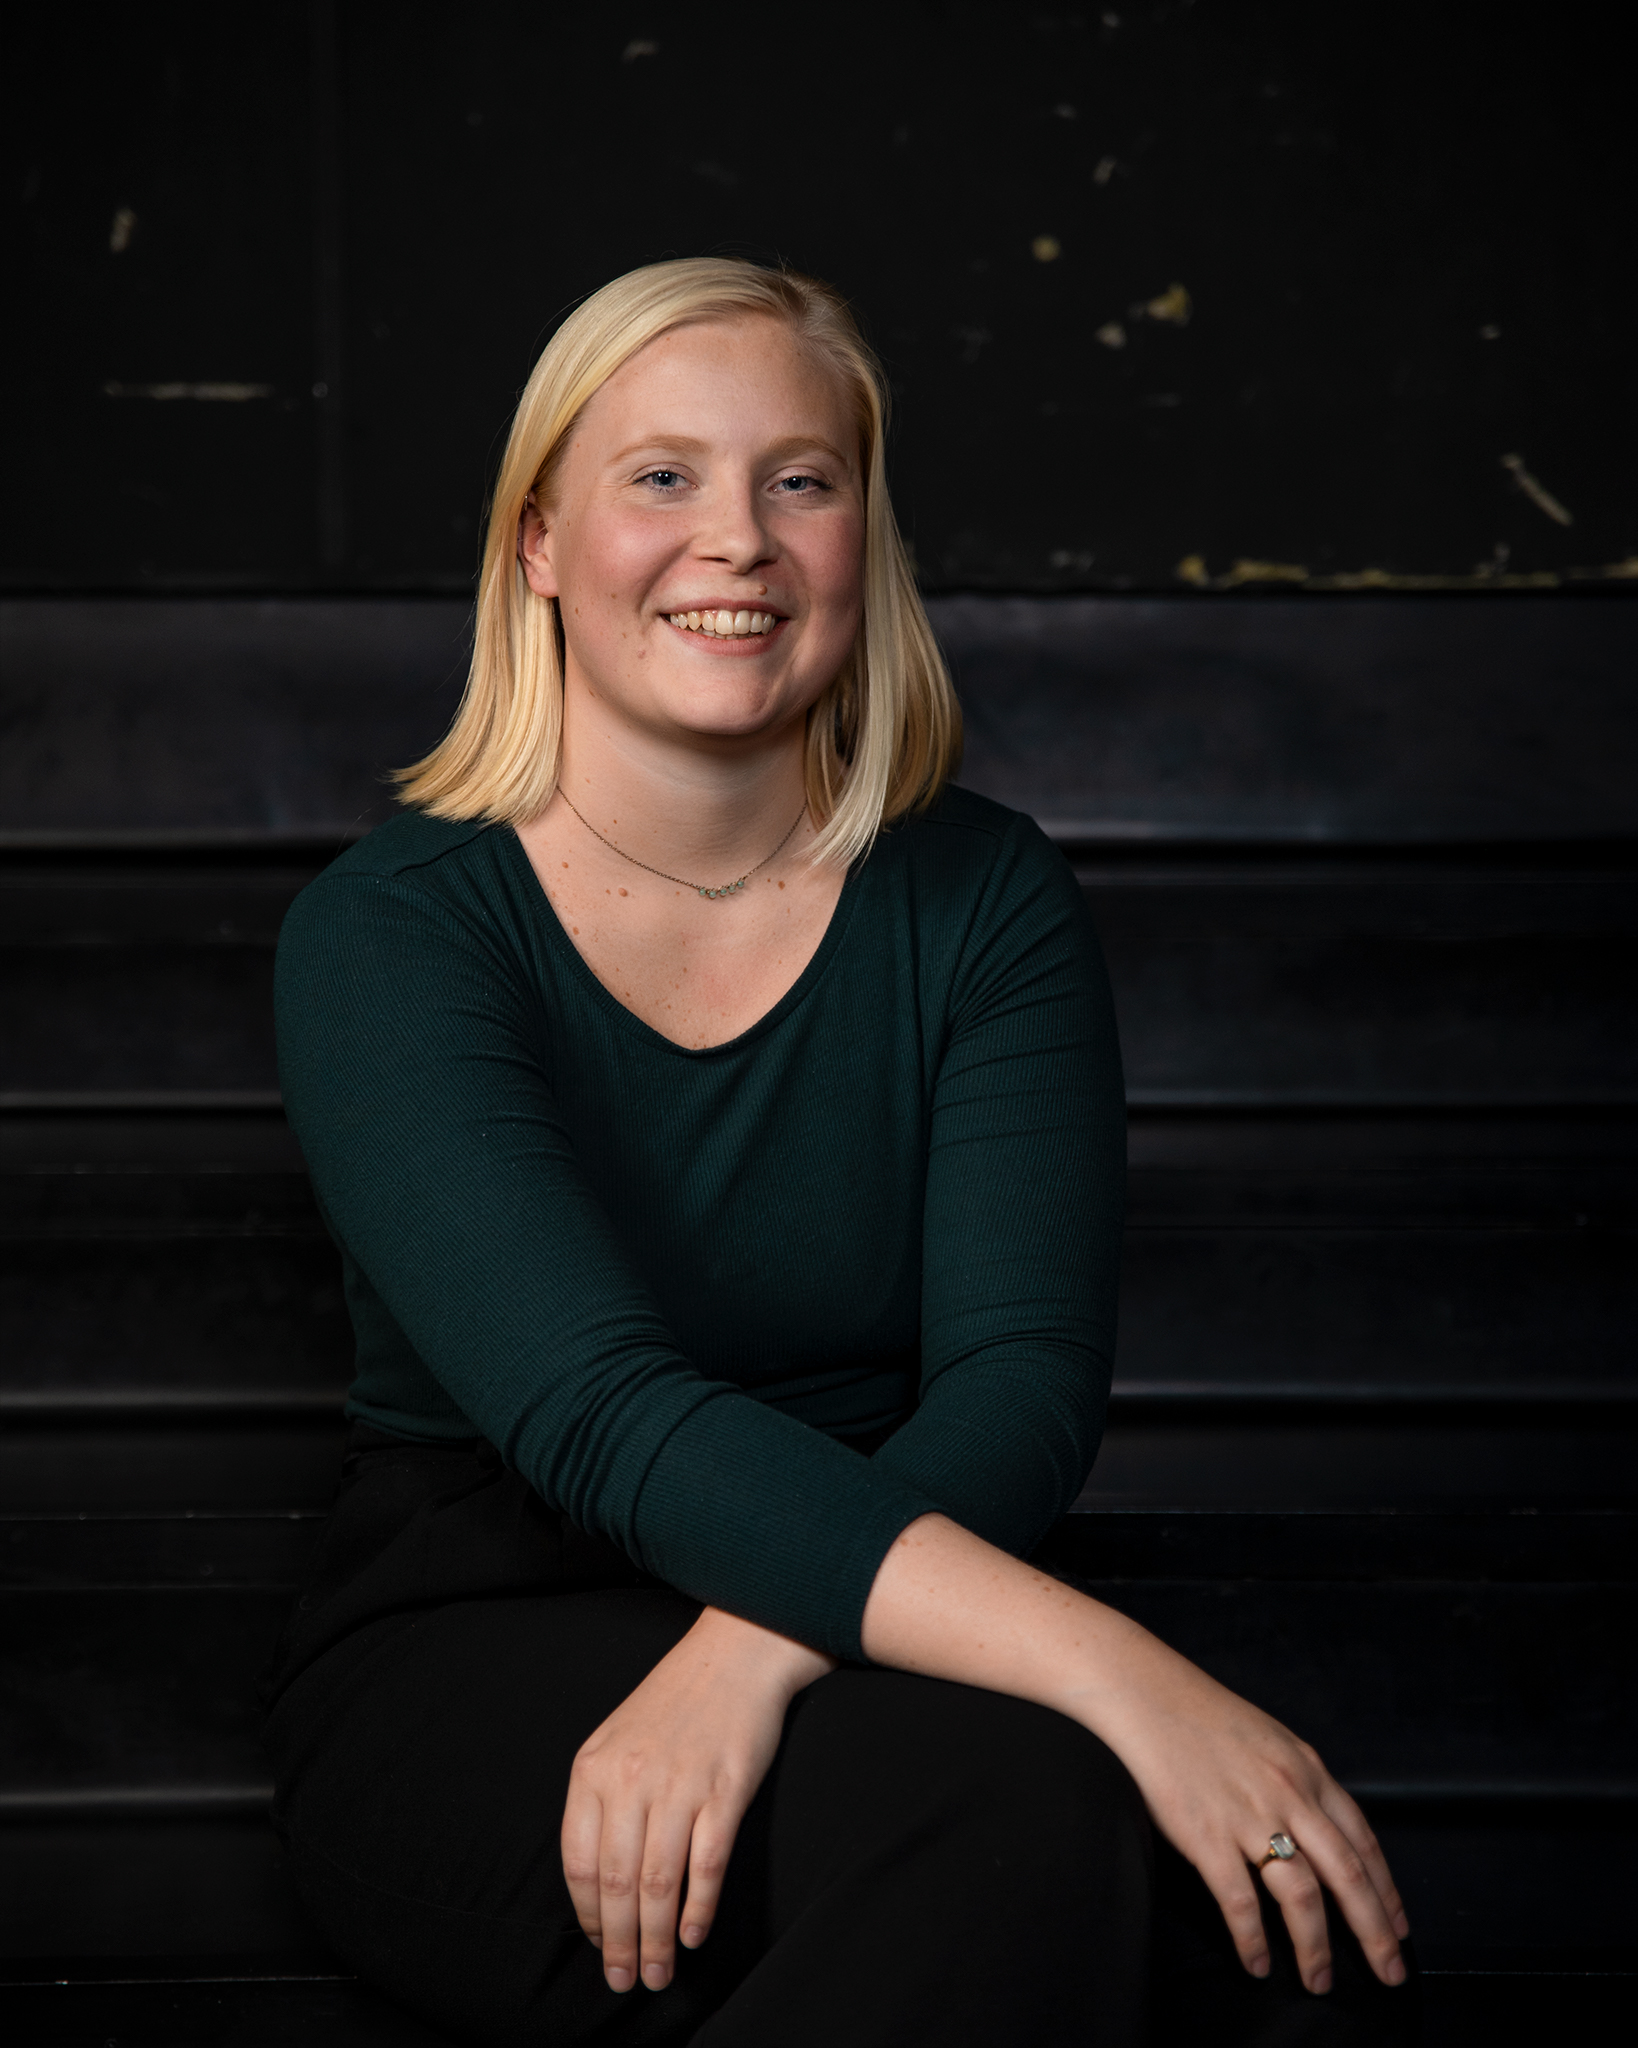 Digimarkkinoinnin ammattilainen Emma Kauppila